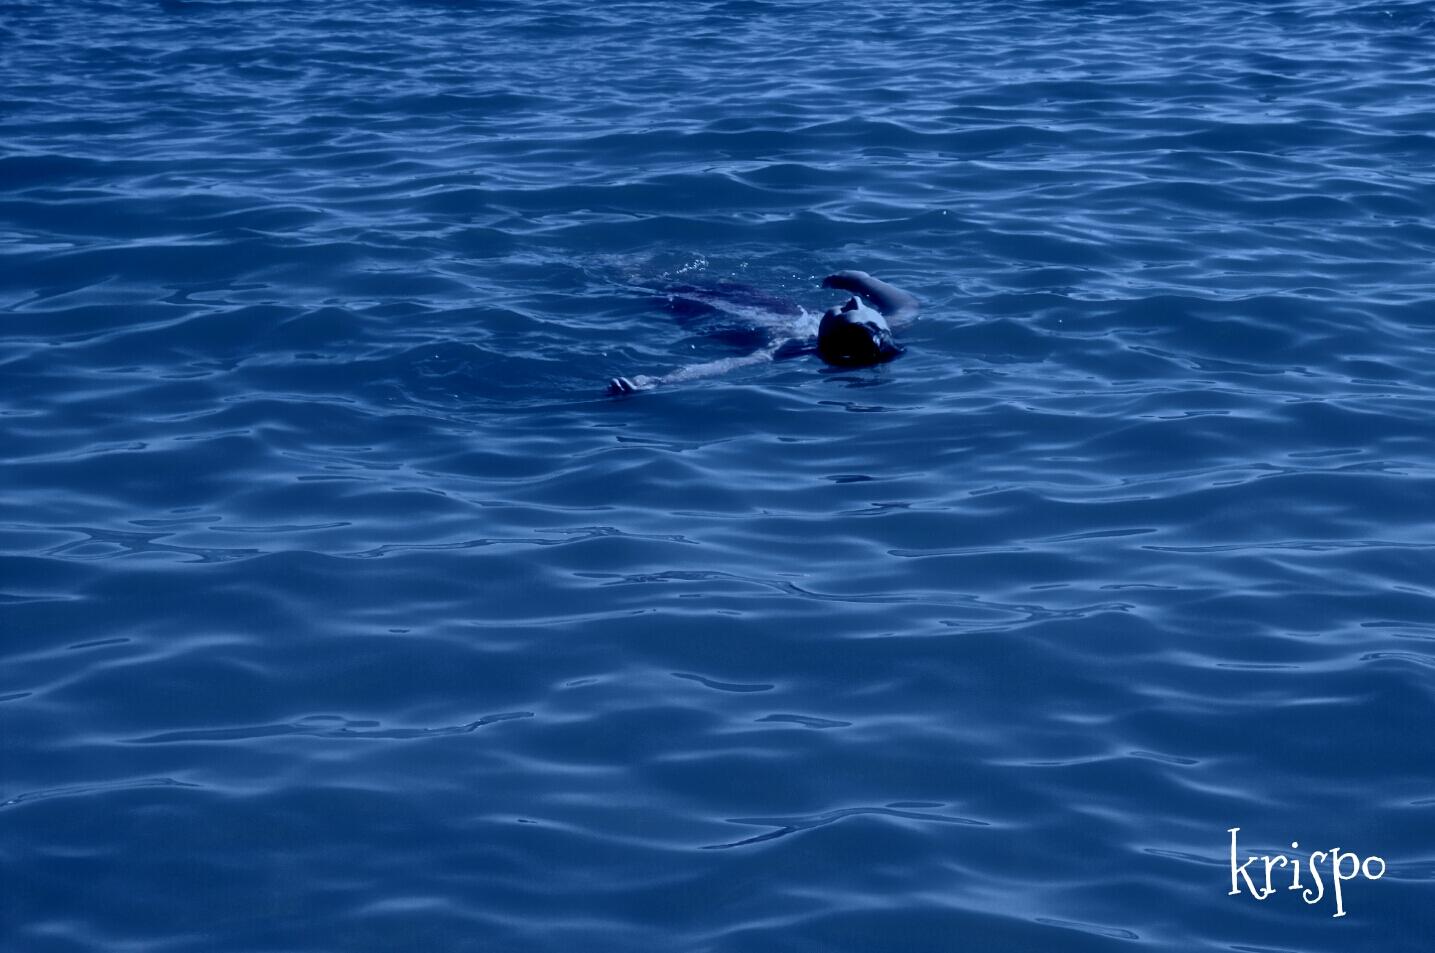 niño flotando boca arriba en mar por la noche